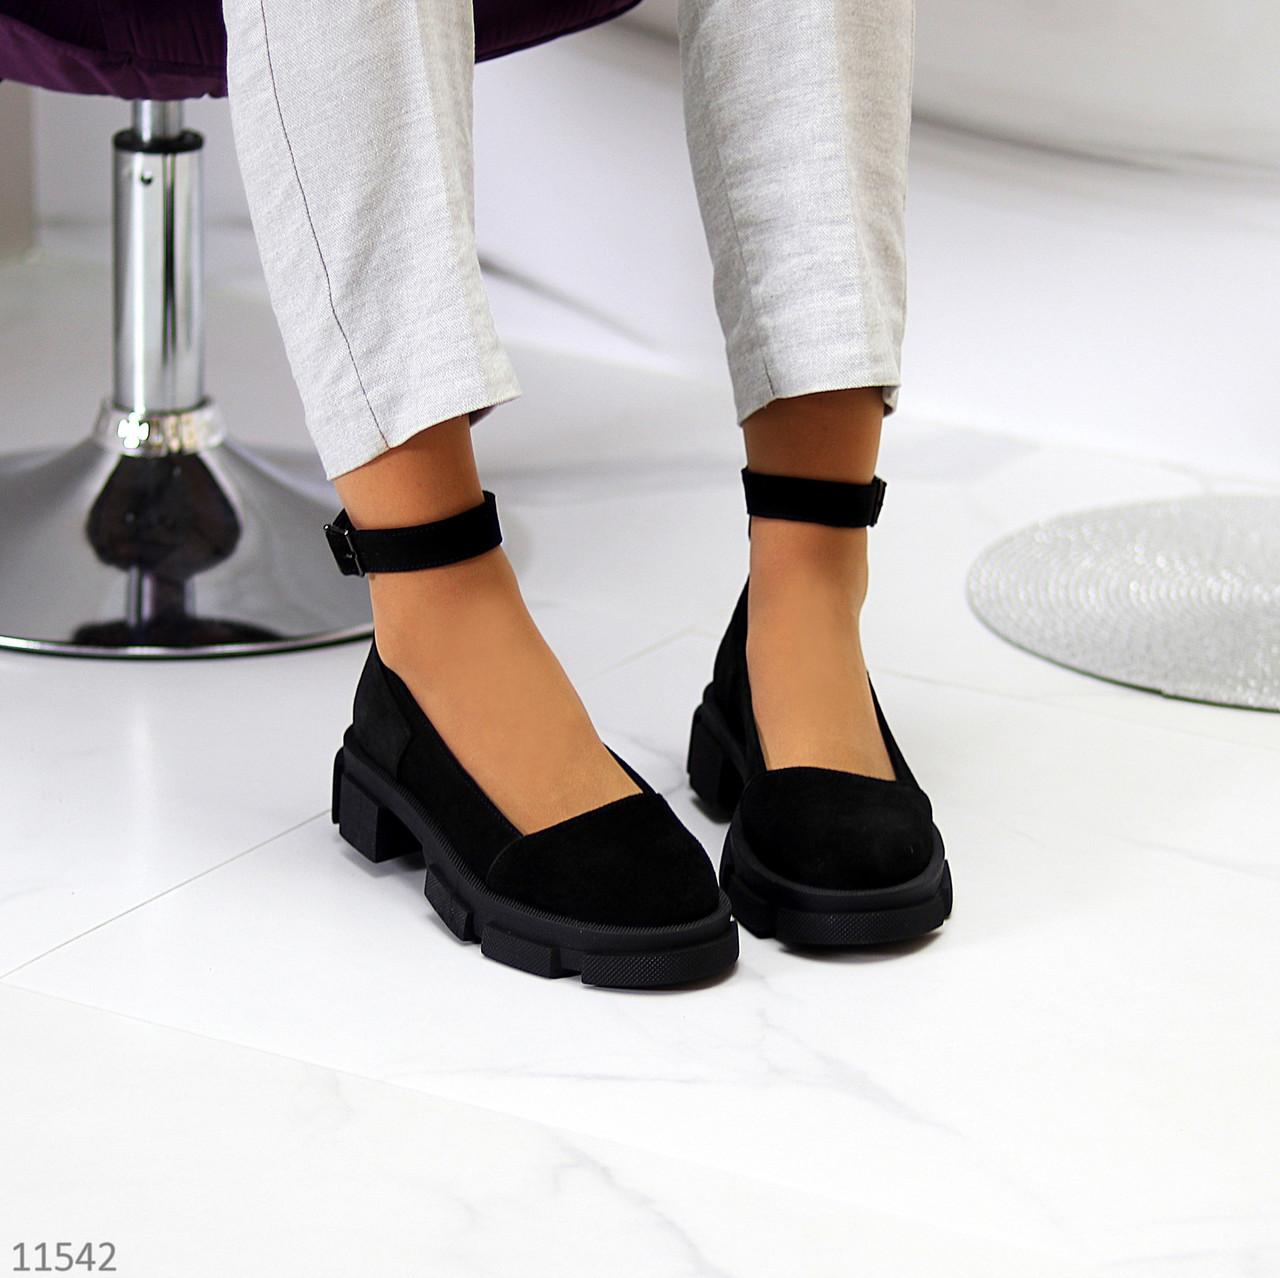 Замшевые женские туфли натуральная замша на шлейке на утолщенной подошве 36-23,5 37-24 38-24,5 39-25 40-25,5см